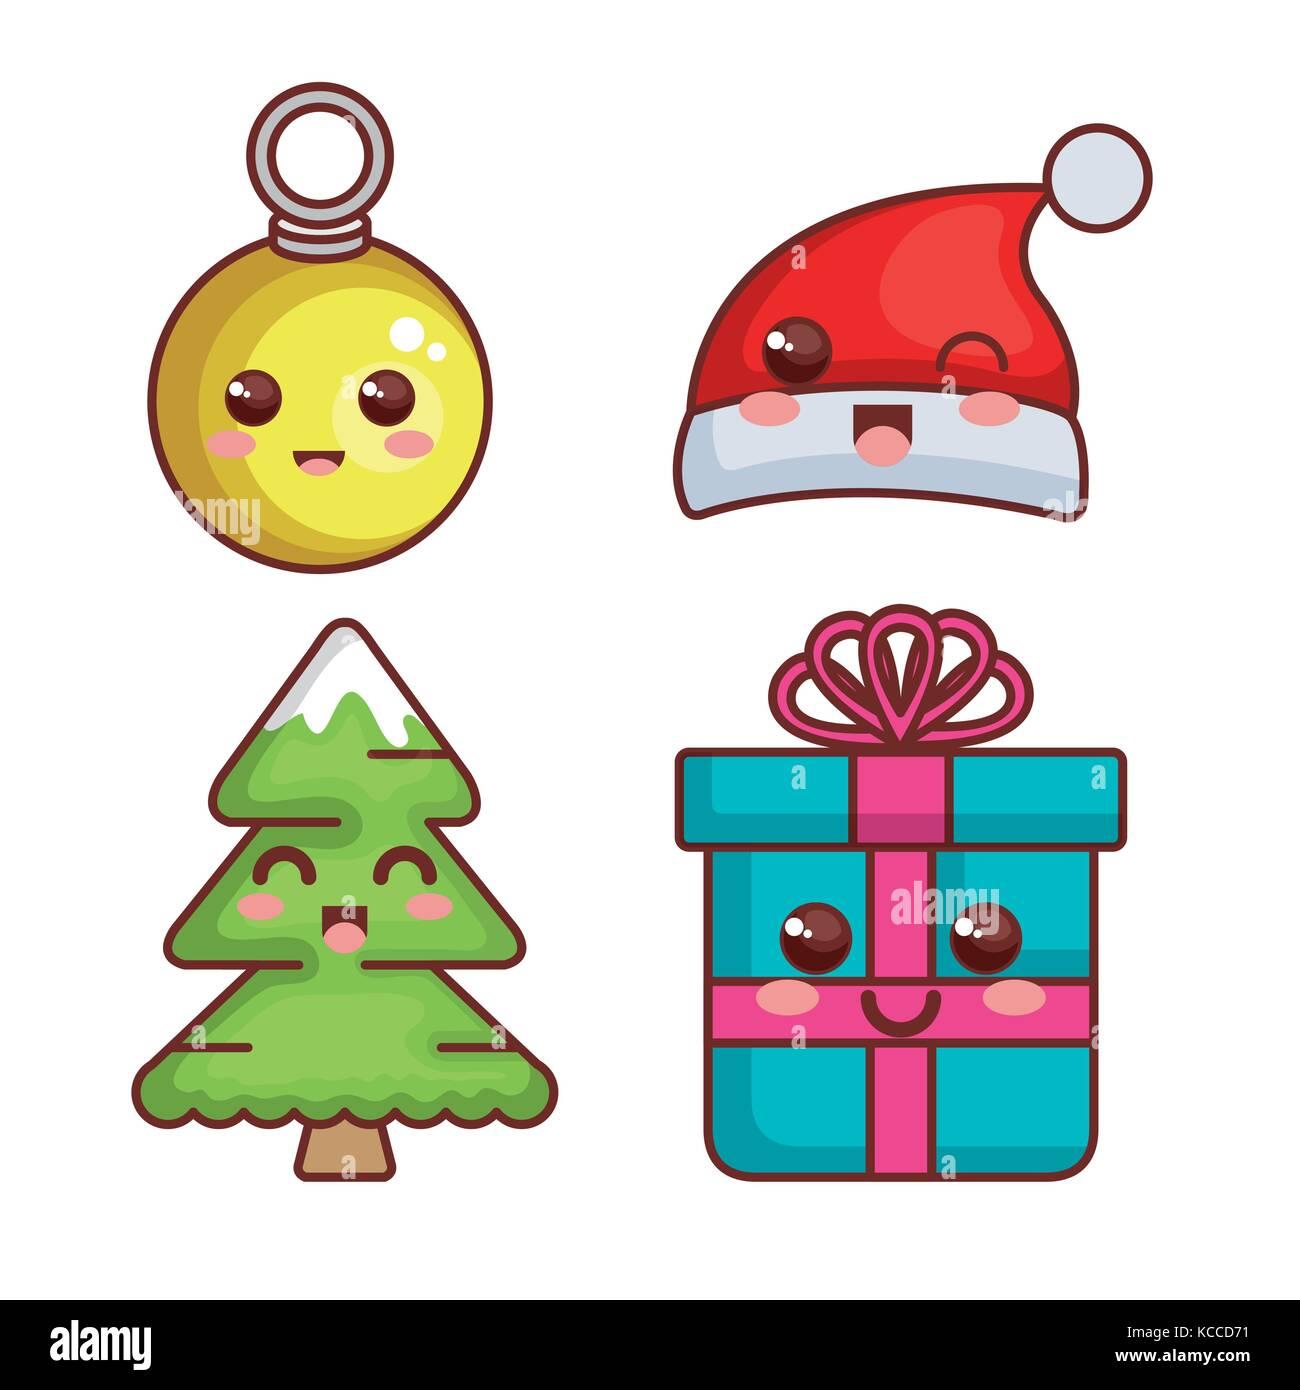 Disegni Di Natale Kawaii.Buon Natale Kawaii Caratteri Illustrazione Vettoriale Design